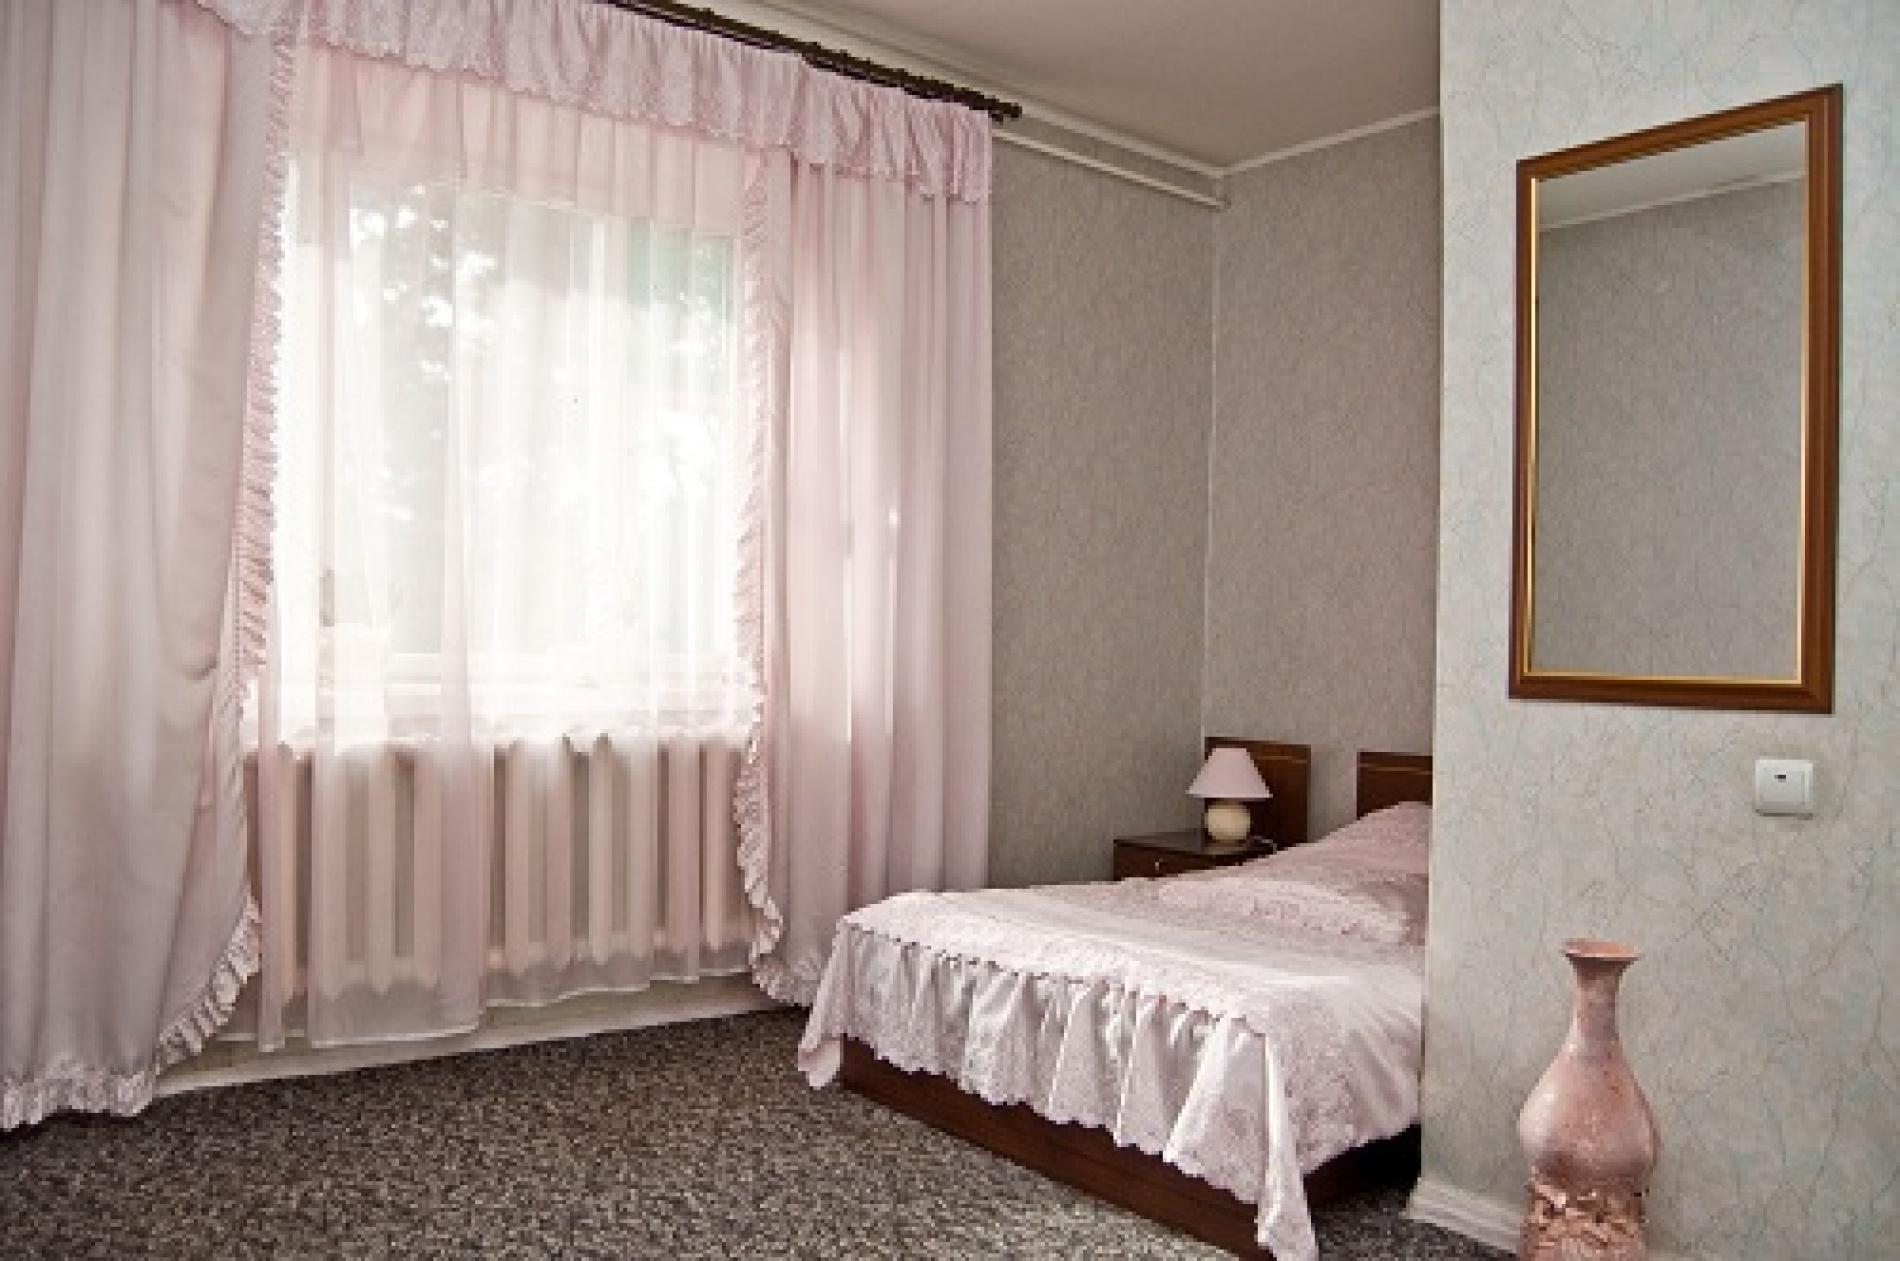 """Загородный гостиничный комплекс """"Горлица"""" Удмуртская Республика Номер 1 стандарт (2-х местный), фото 1"""